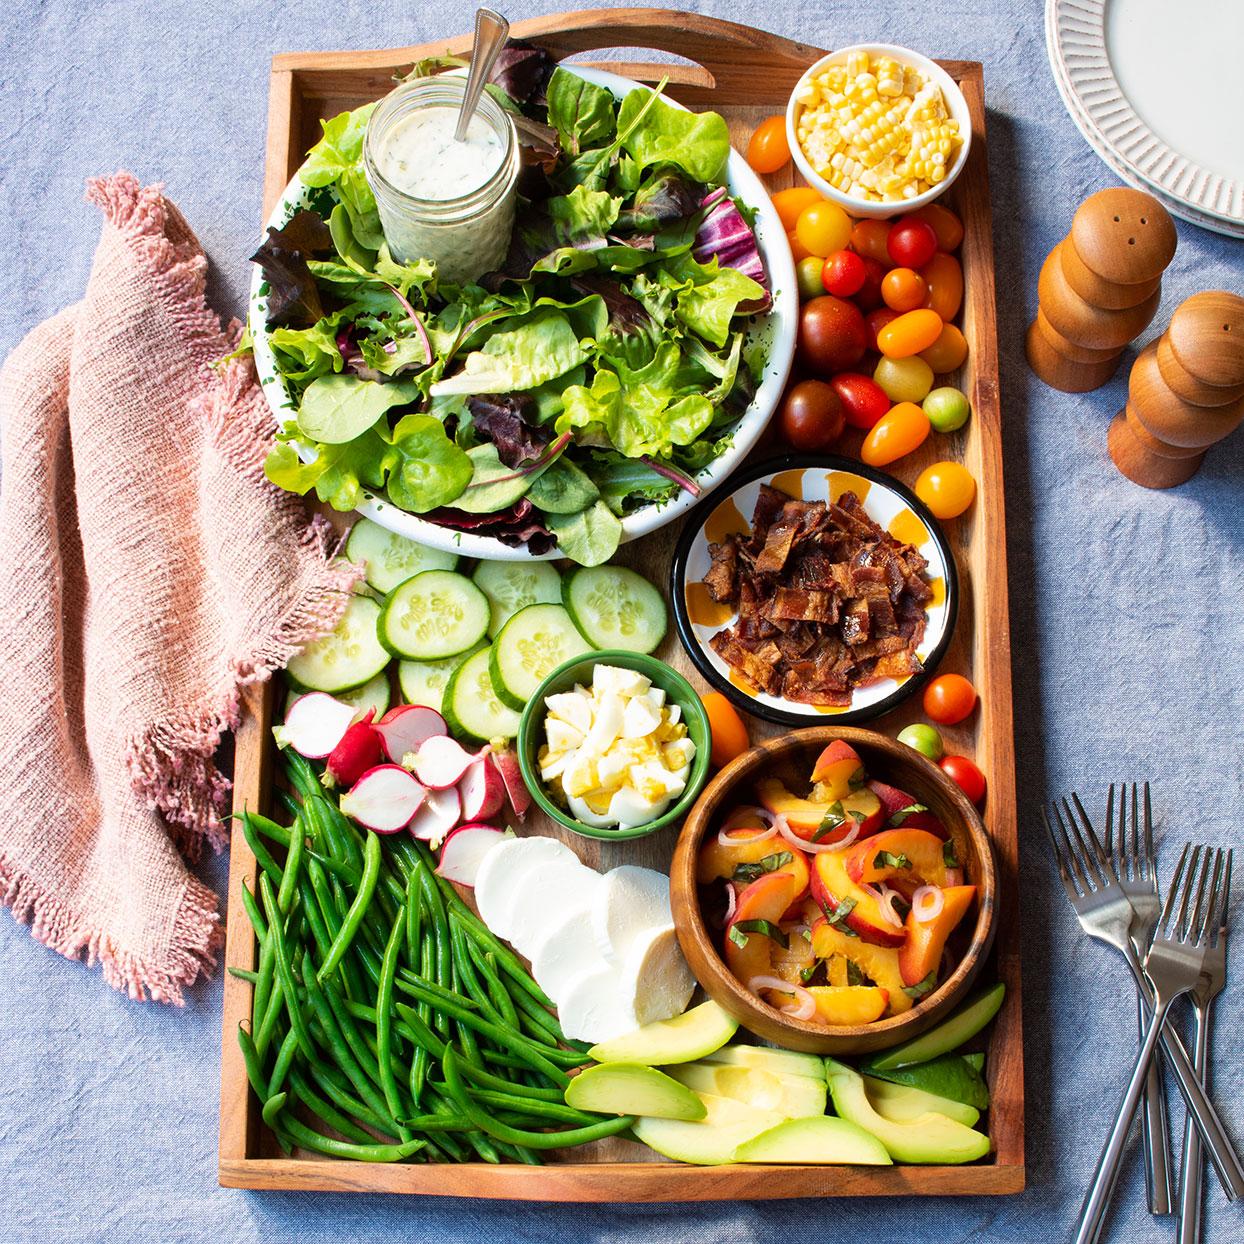 Summer Salad Board Allrecipes Trusted Brands